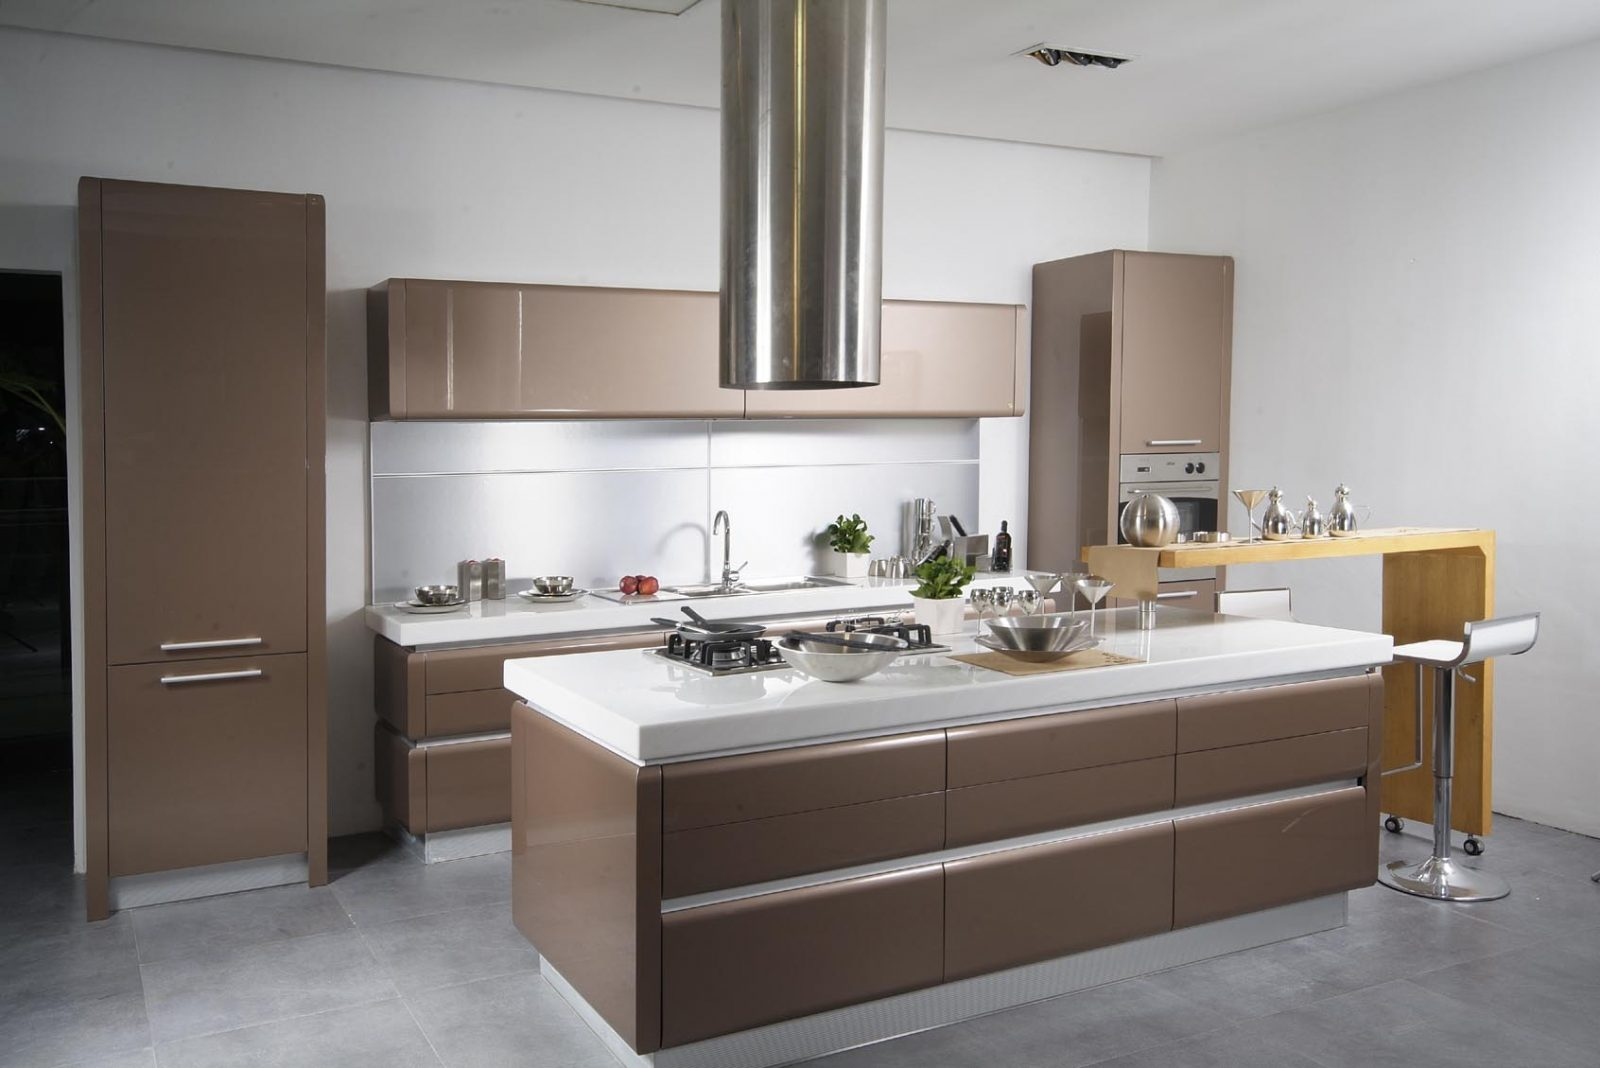 Fotos Muebles De Cocina - Muebles De Cocina De Melamina Im Genes Y Fotos[mjhdah]http://www.mavermuebles.cl/muebles-de-cocina/MUEBLES-DE-COCINA/muebles-de-cocina-cubiertas-de-granito/puertas-de-melamina/Lo-barnechea/foto-muebles-de-cocina-melamina-cedro-cubiertas-granito-lo%20barnechea-2-big.jpg